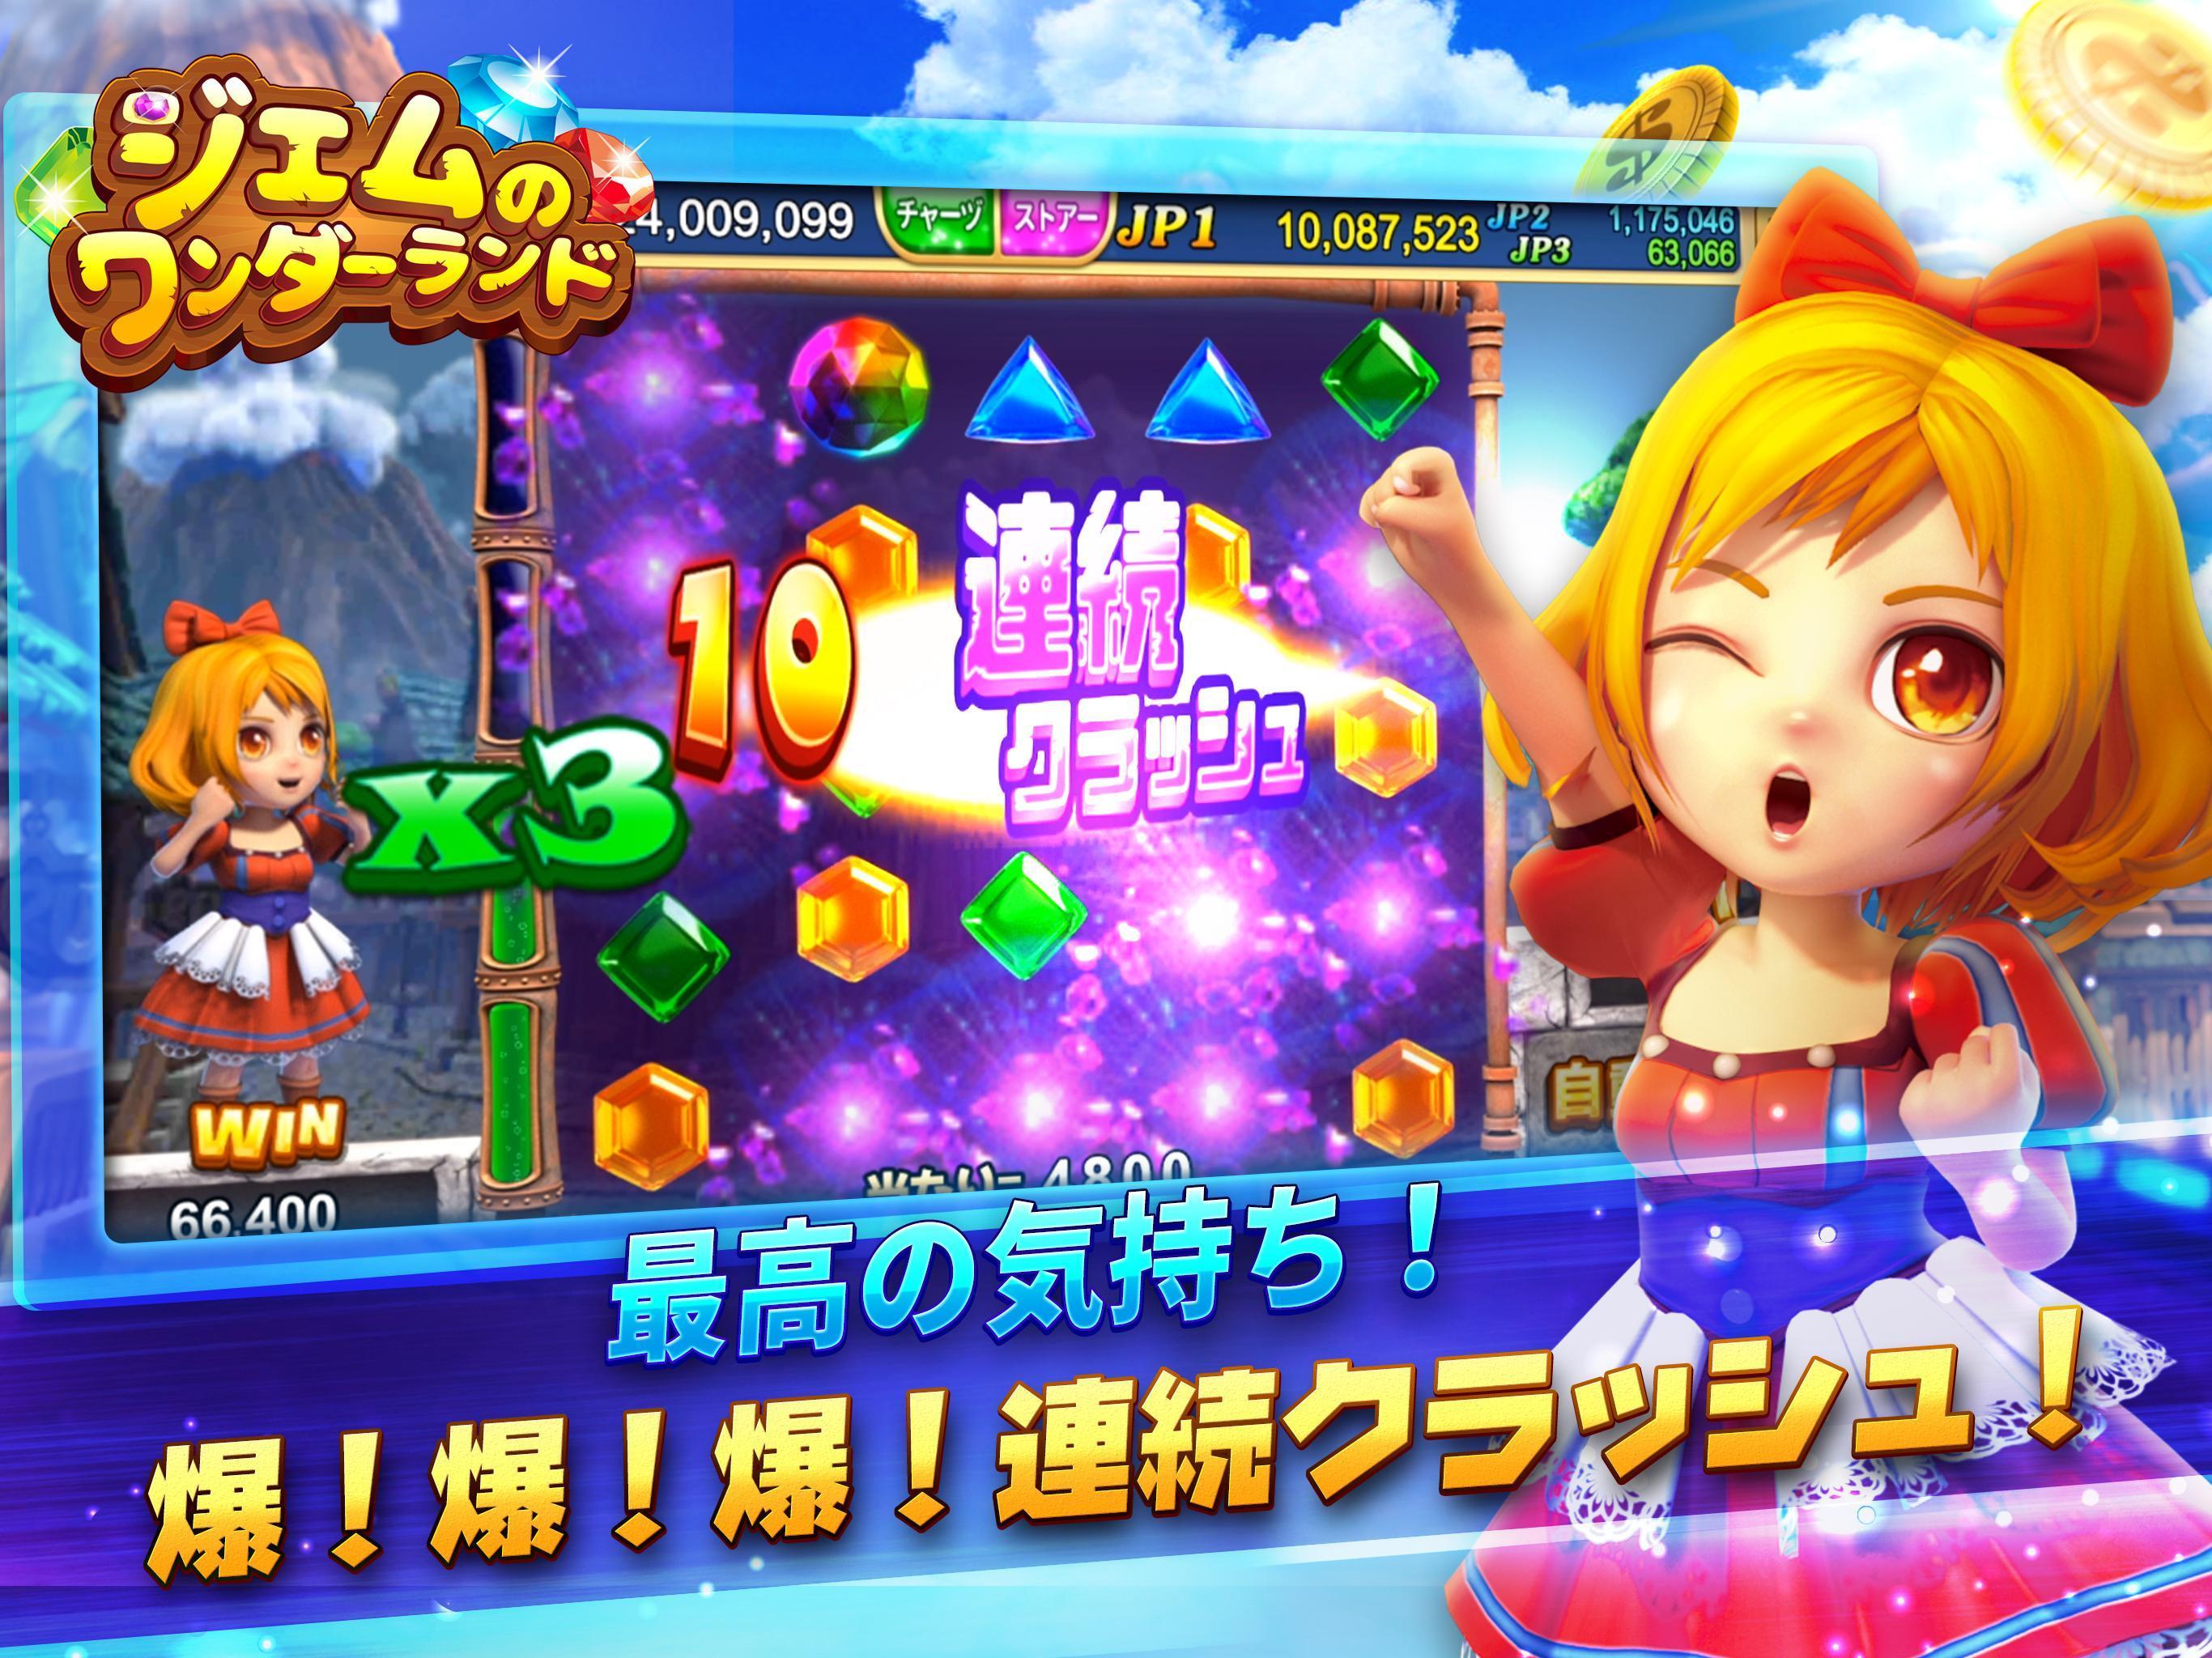 スーパーラッキーカジノ ~ オーシャンモンスター、スロット、サイコロ、ポーカー 3.14.1 Screenshot 17